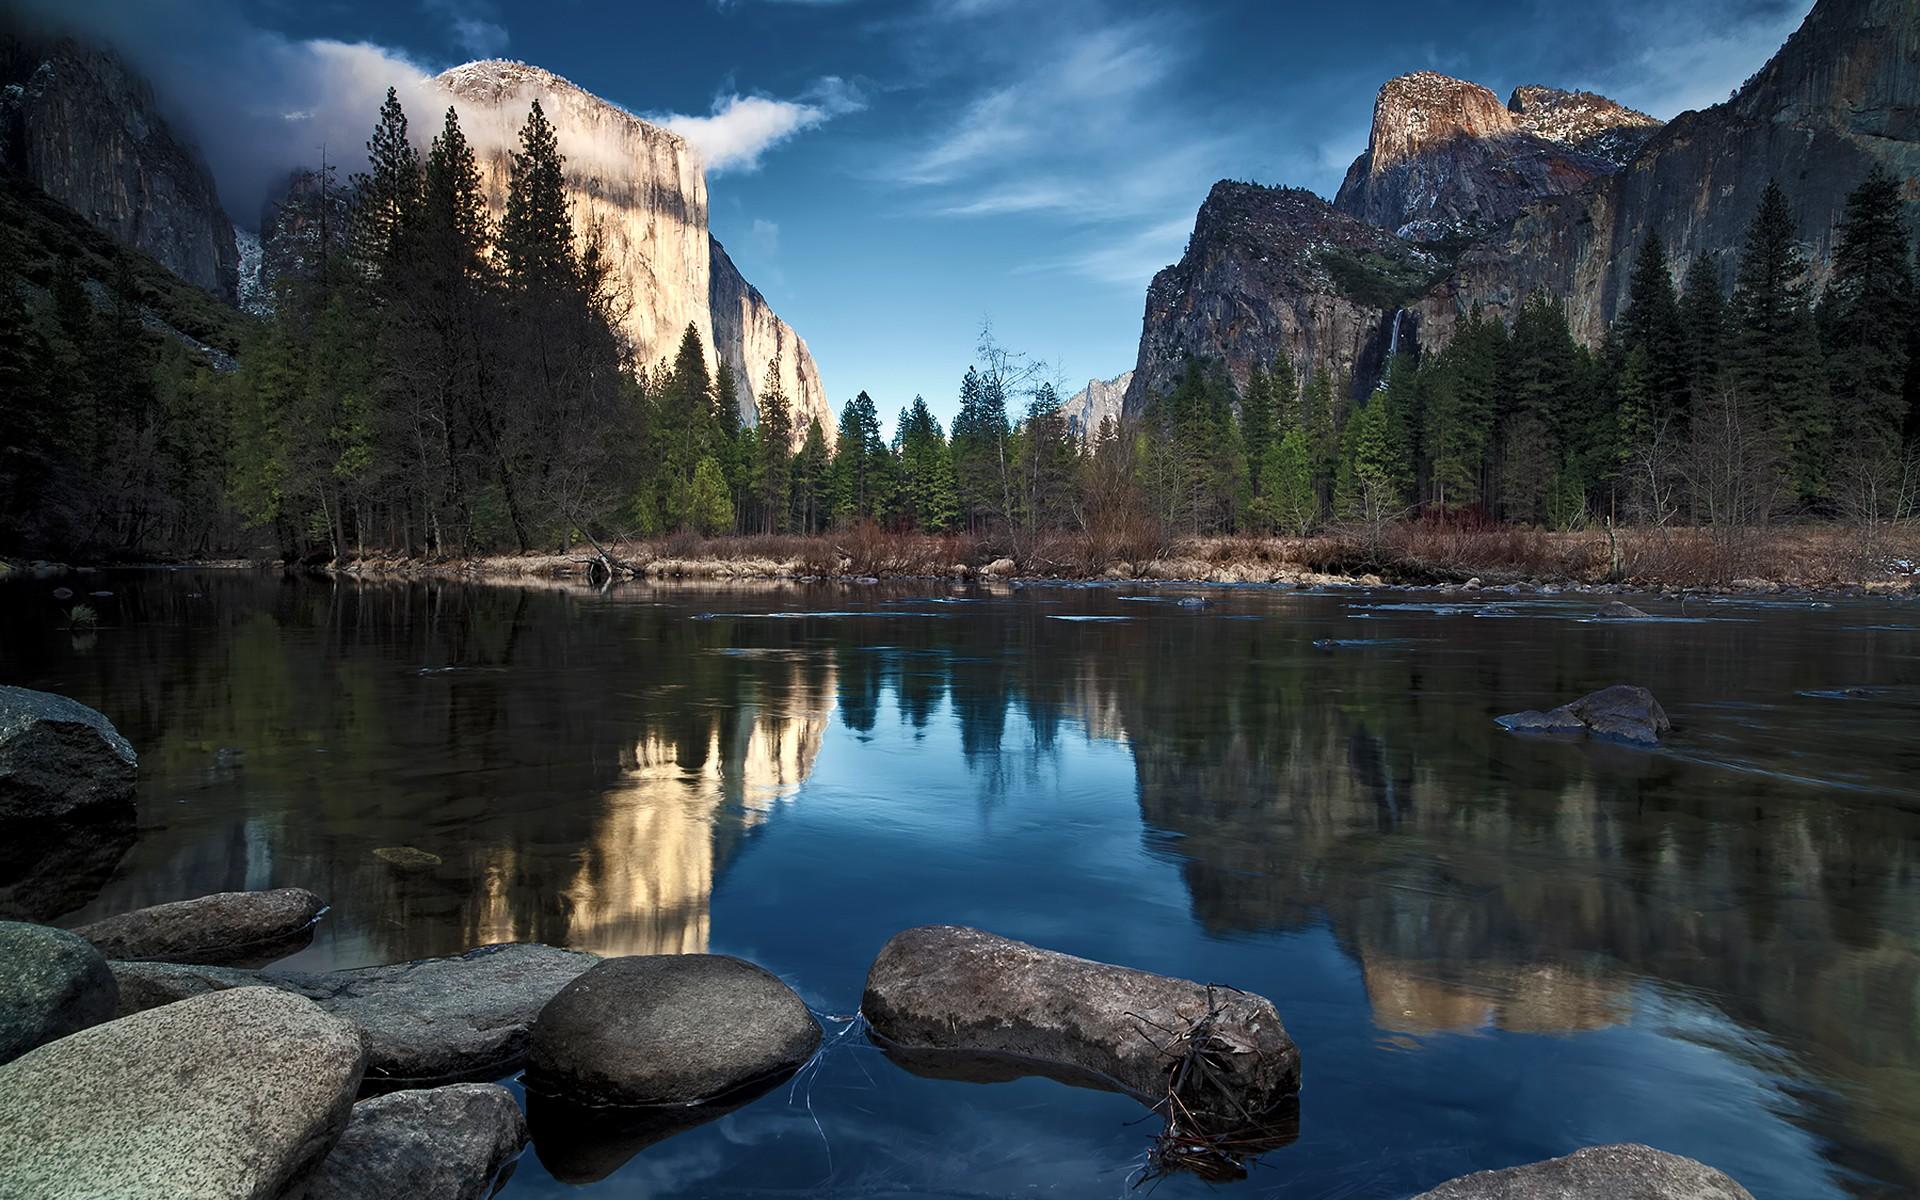 природа река горы скалы деревья облака  № 3796739 загрузить